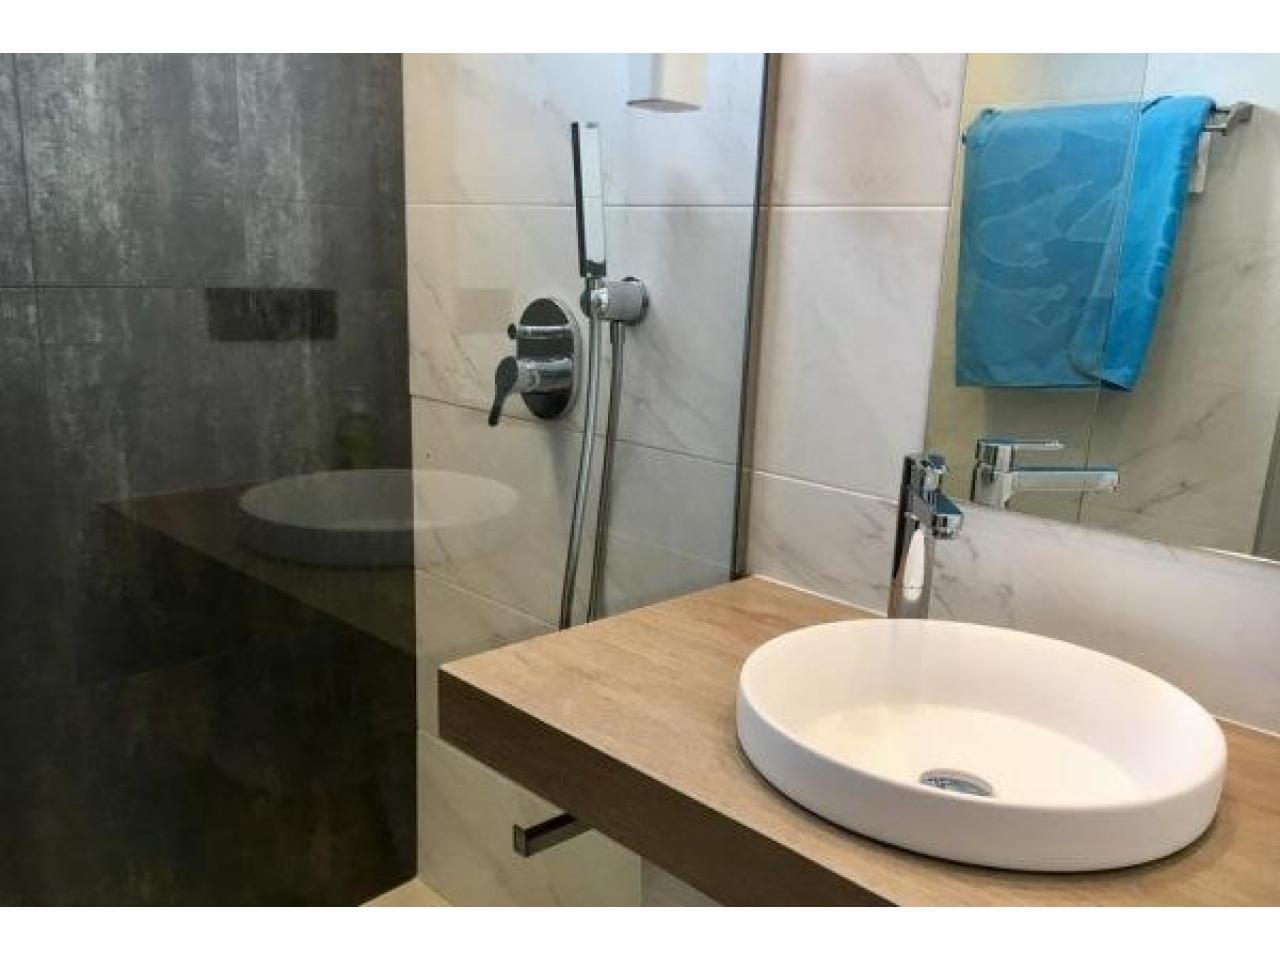 Недвижимость в Испании, Новые квартиры от застройщика в Гуардамар,Коста Бланка,Испания - 9